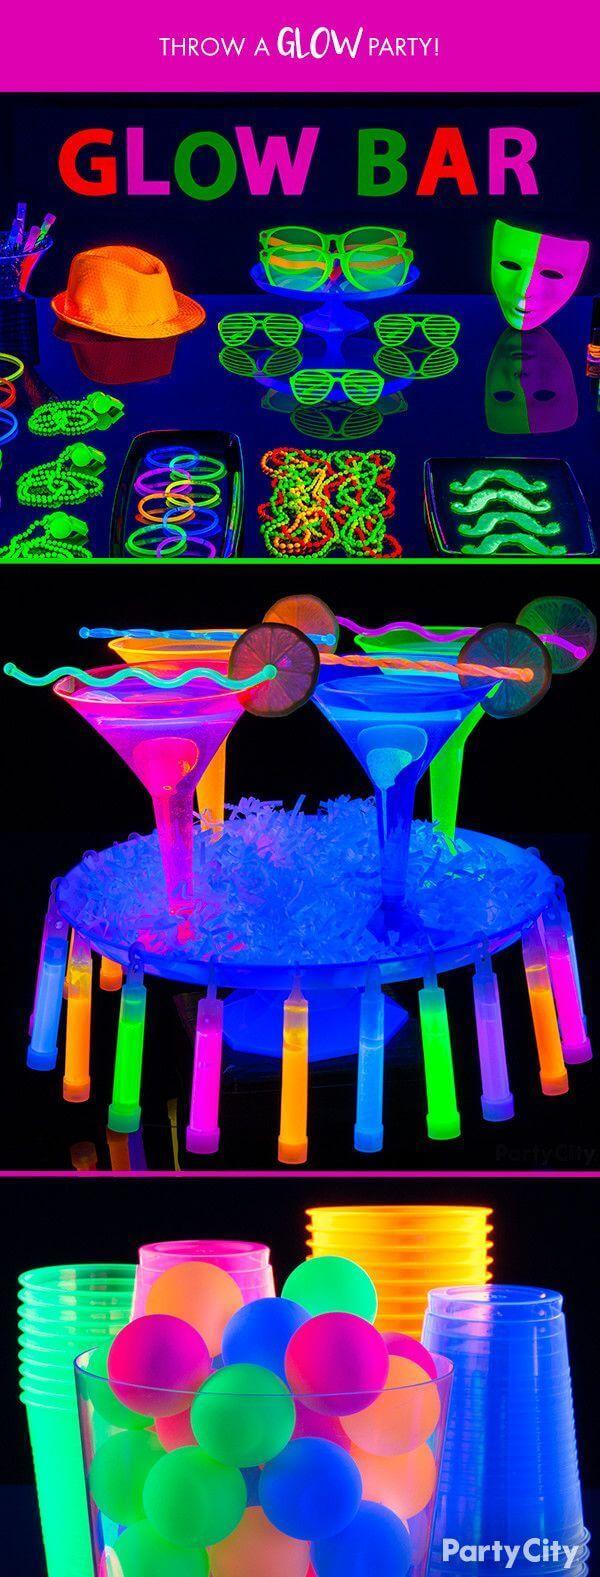 Embellissez votre bar avec des tasses et des verres lumineux